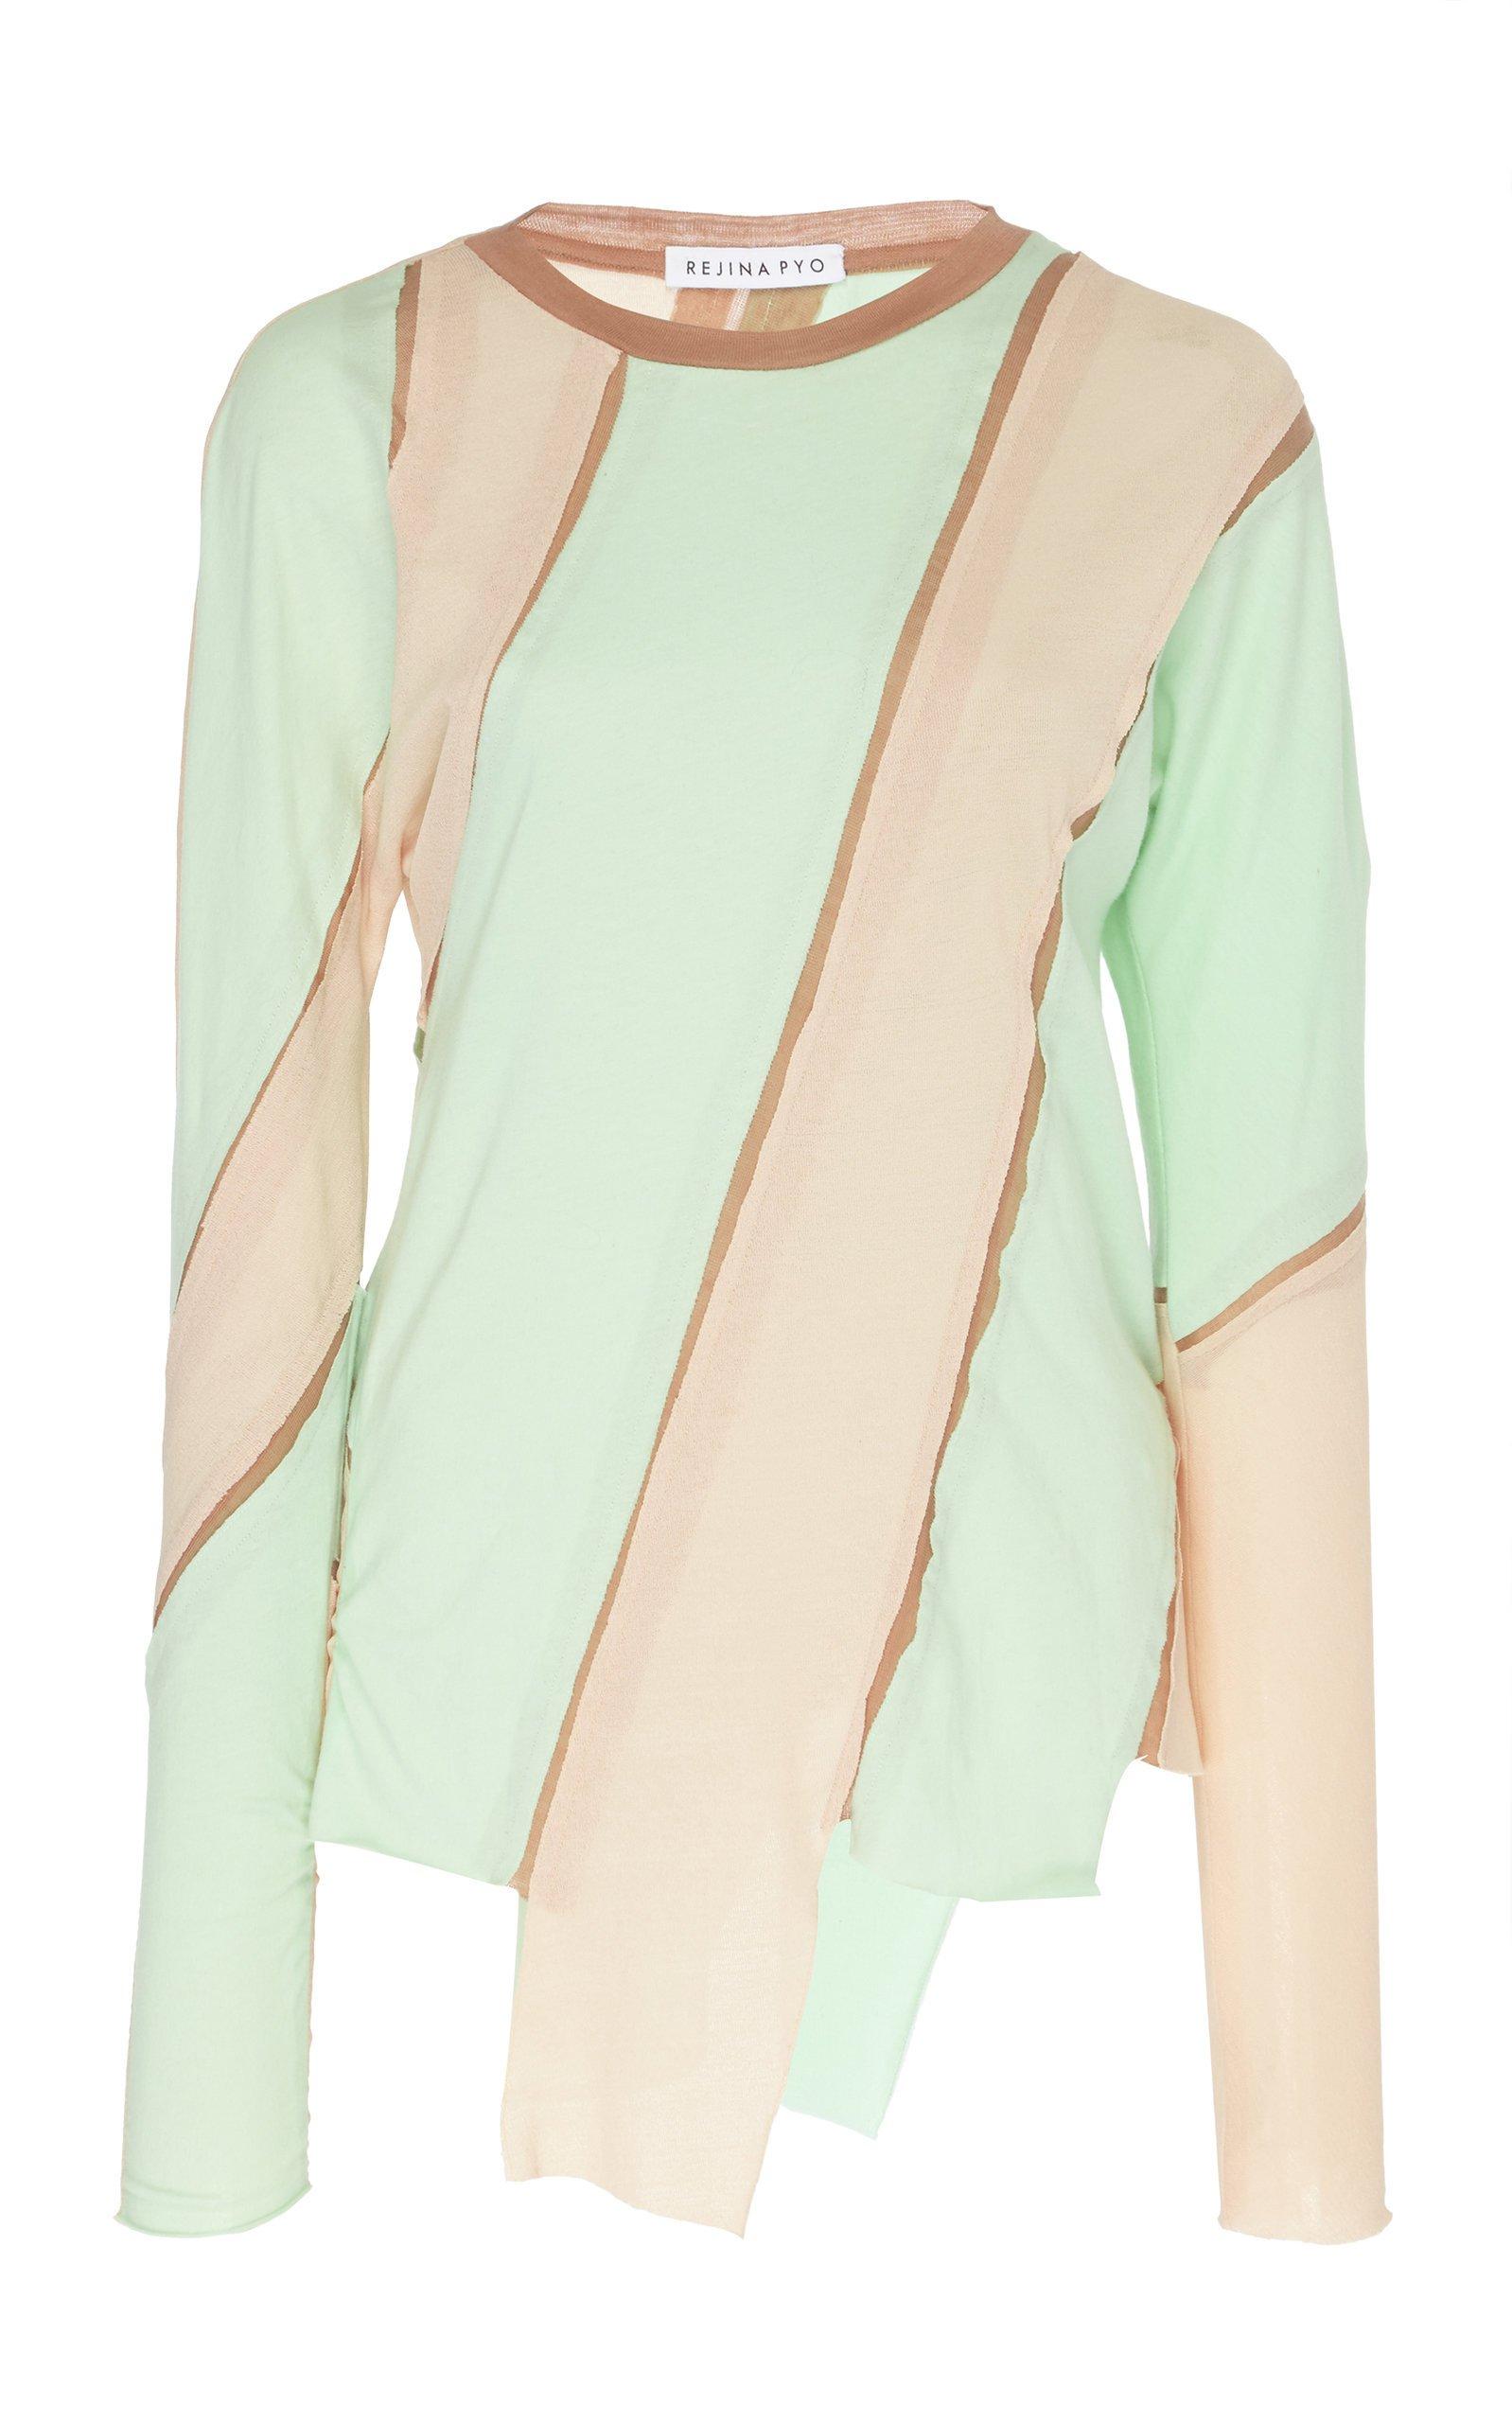 Rejina Pyo Reese Asymmetric Striped Jersey Top